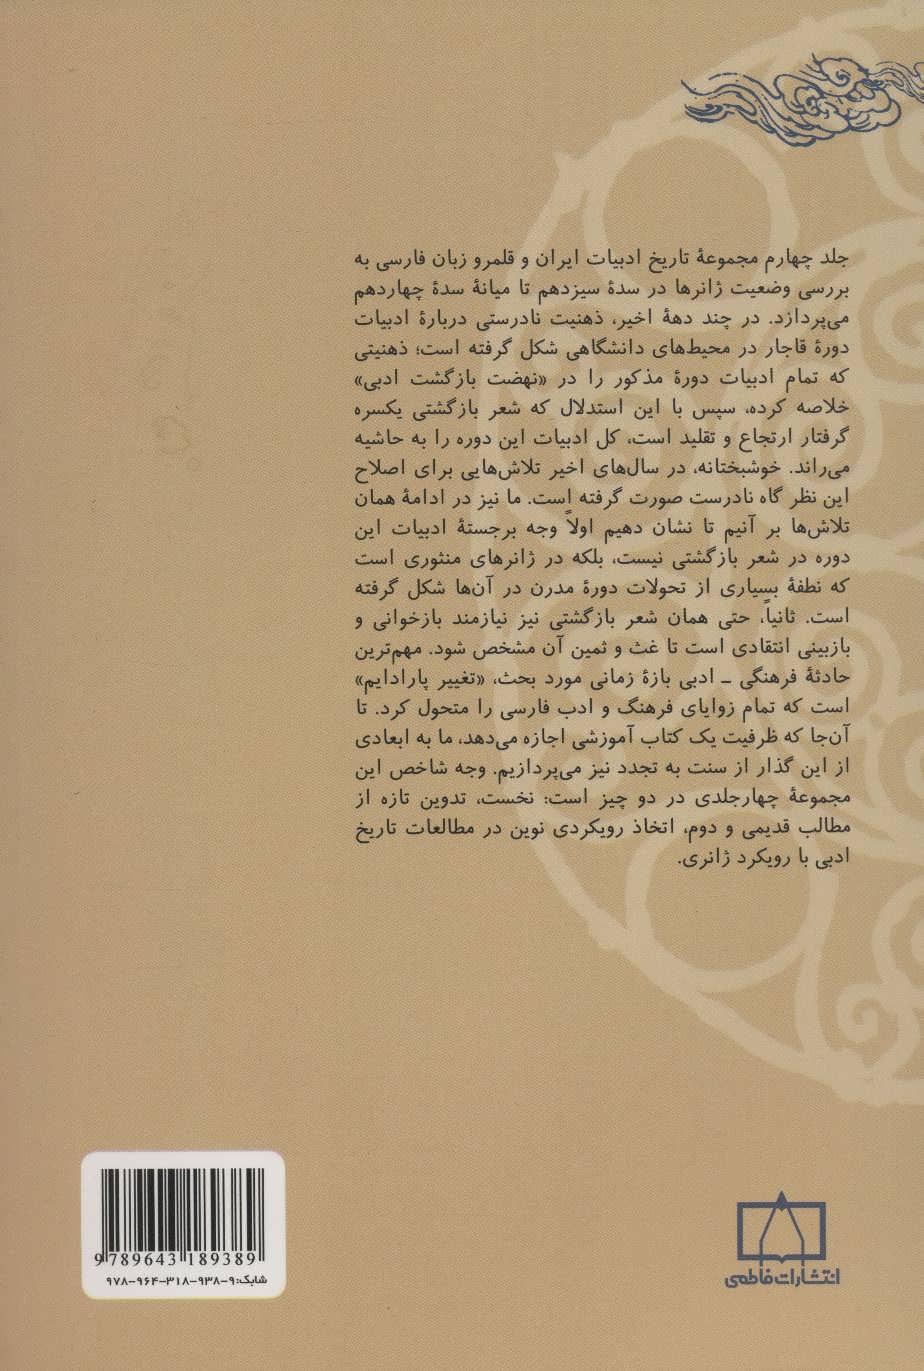 تاریخ ادبیات ایران و قلمرو زبان فارسی 4 (با رویکرد ژانری)